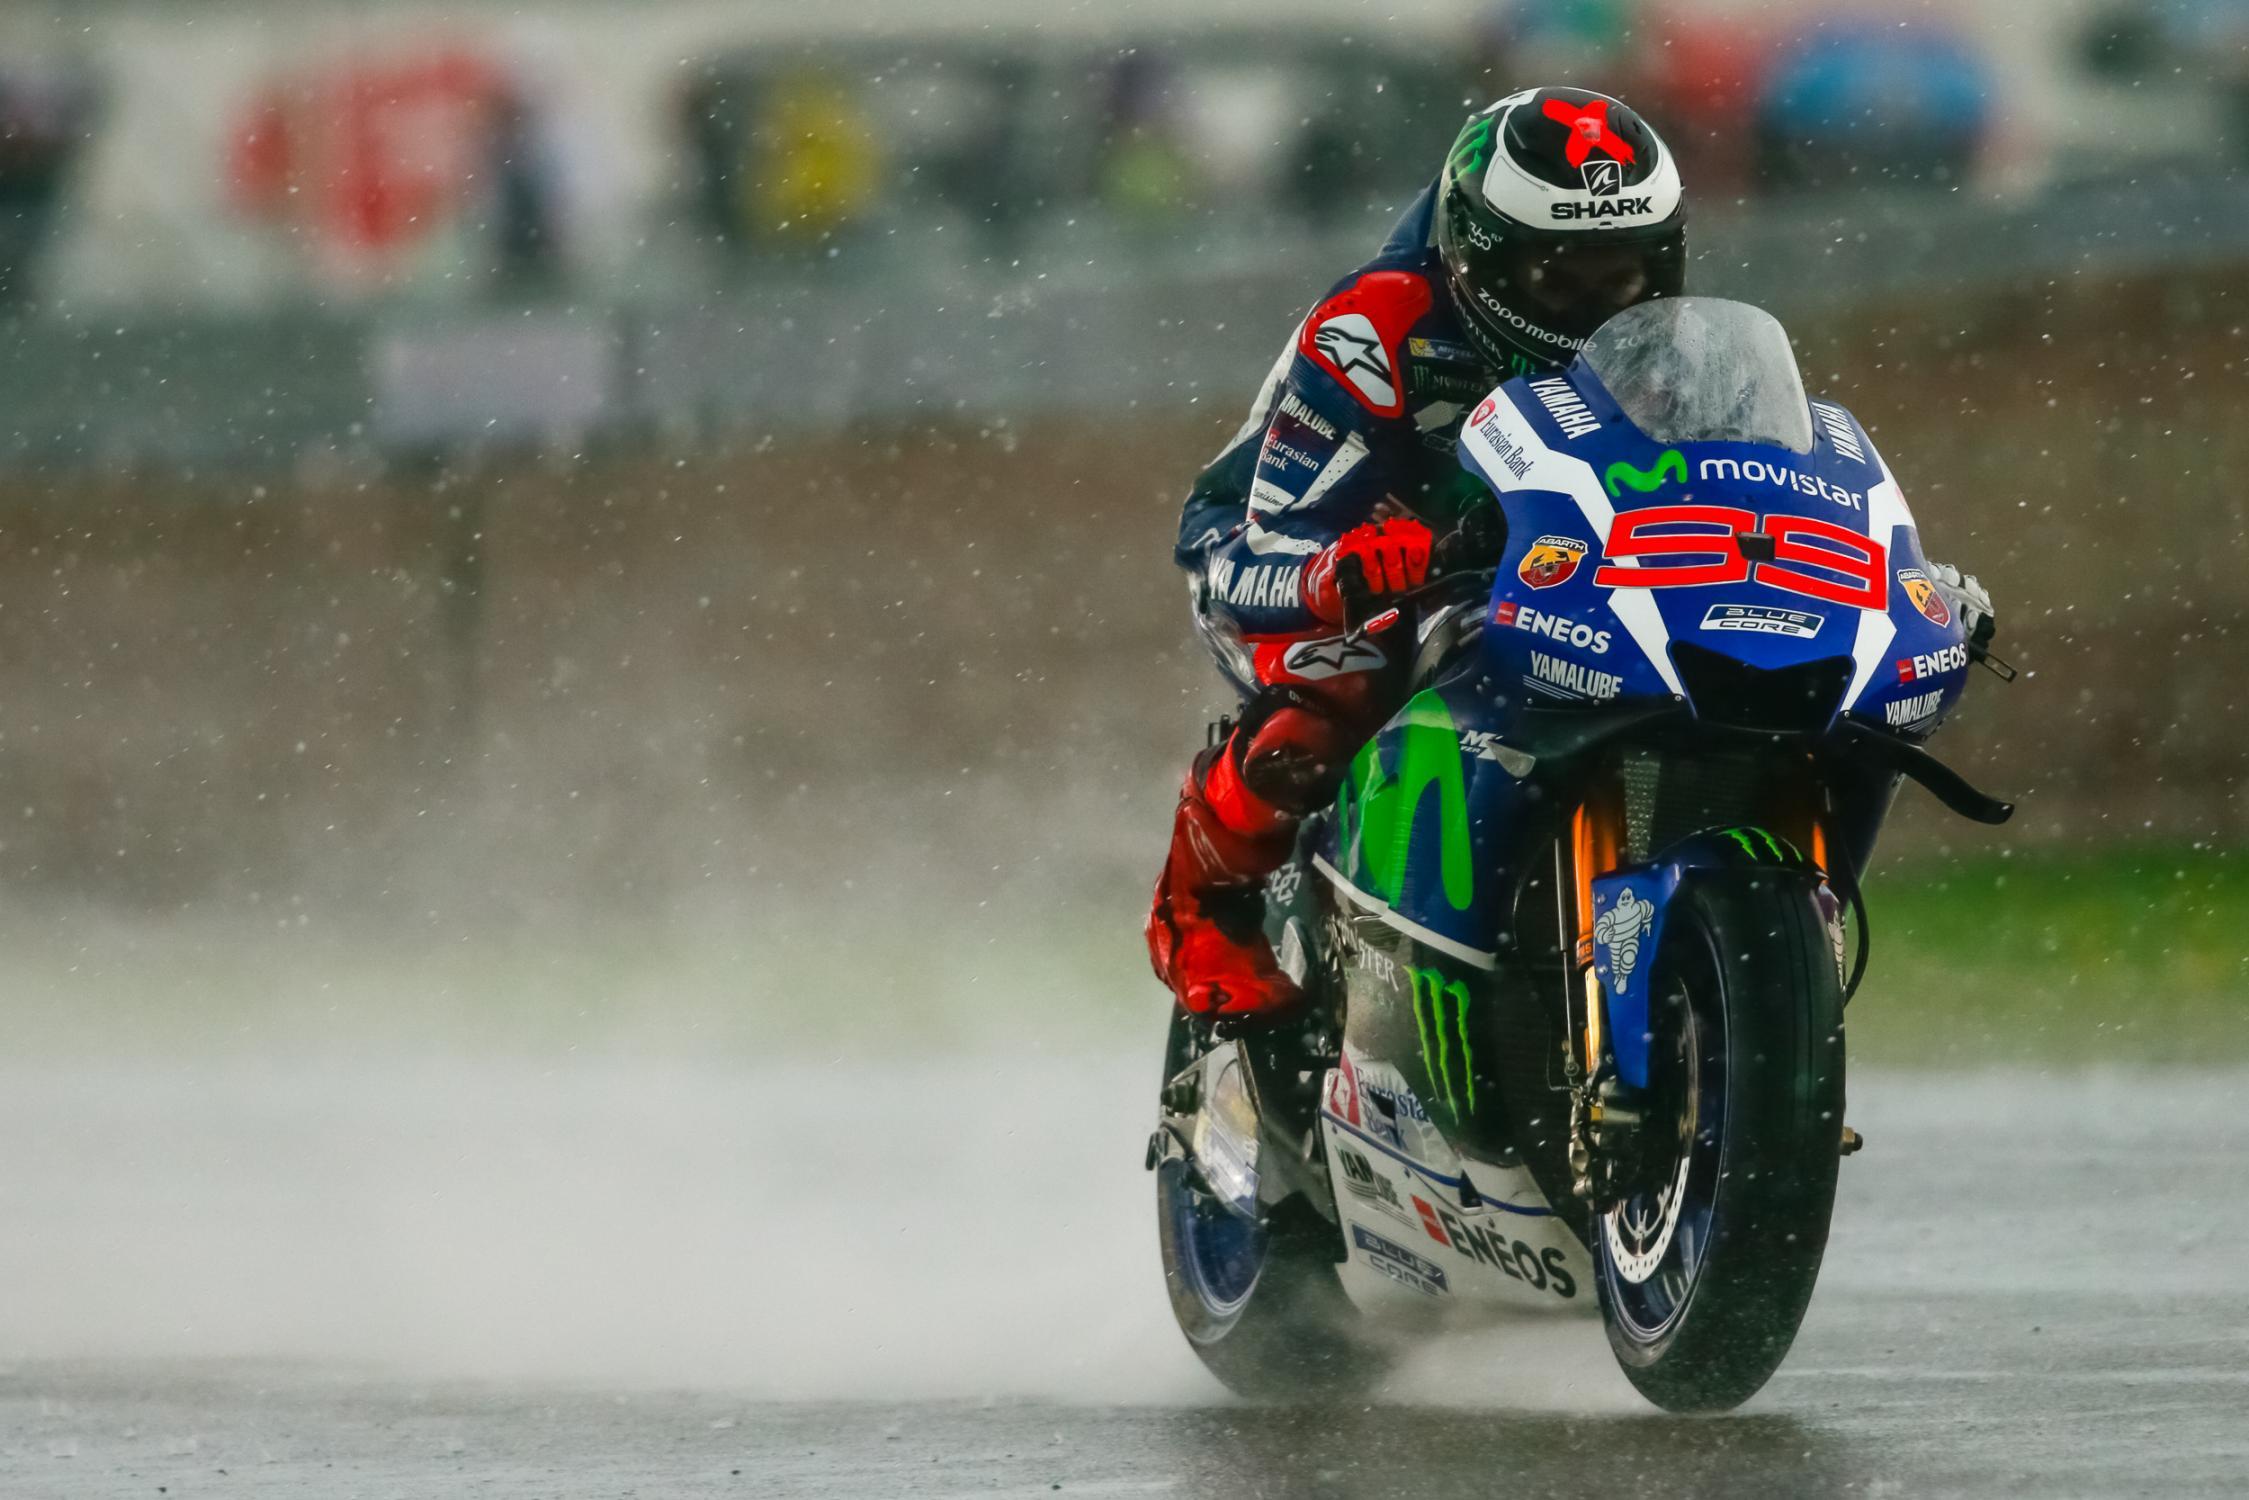 jorge lorenzo pluie